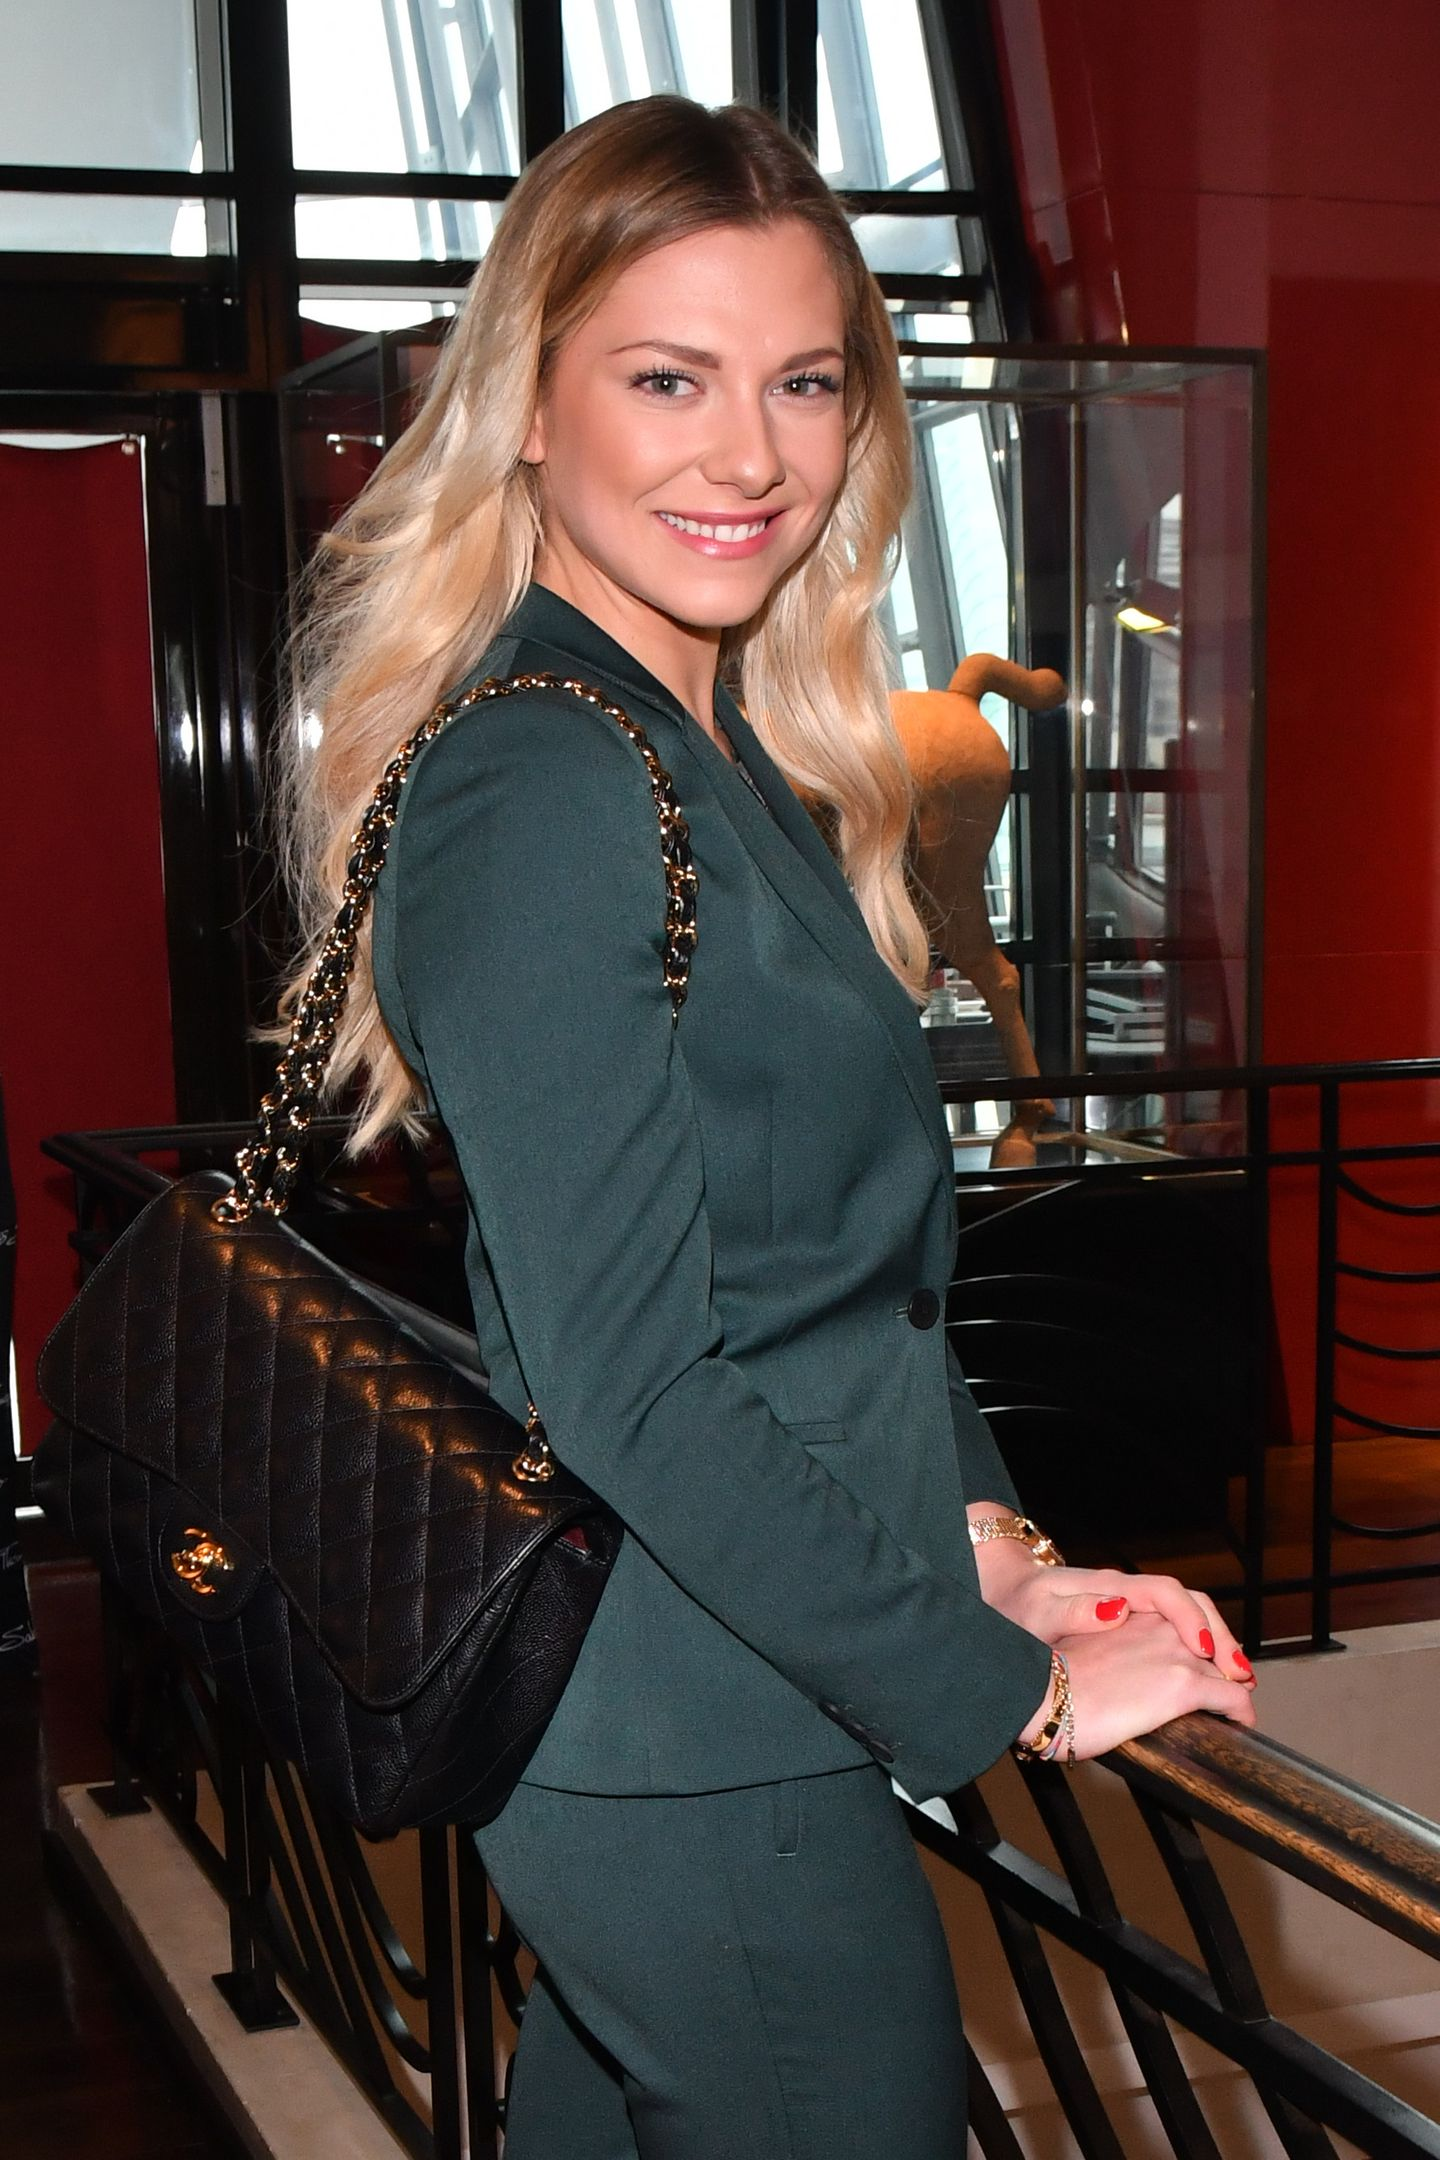 Valentina Pahde ist in Deutschland besonders als Schauspielerin bekannt. Die schöne Blondine hat zum Beispiel eine feste Rolle, die derSunny Richter, bei der Fernsehserie GZSZ. Abseits des Scheinwerferlichts überrascht sie mit einer ganz anderen Berufung ...